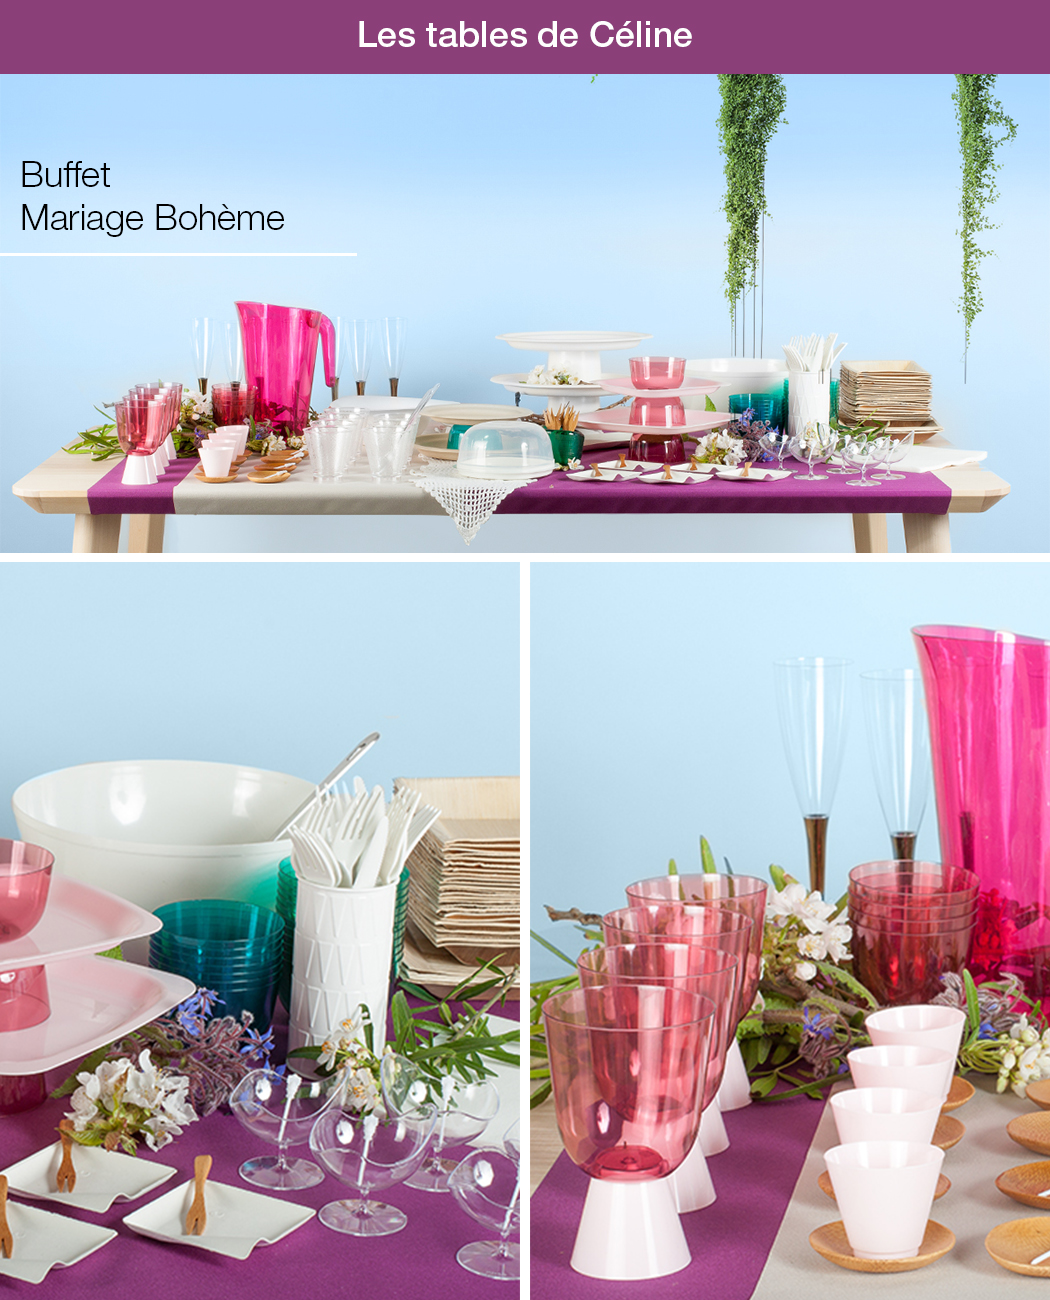 buffet pour un mariage boh me blog de la table recettes art de la table vaisselle jetable. Black Bedroom Furniture Sets. Home Design Ideas